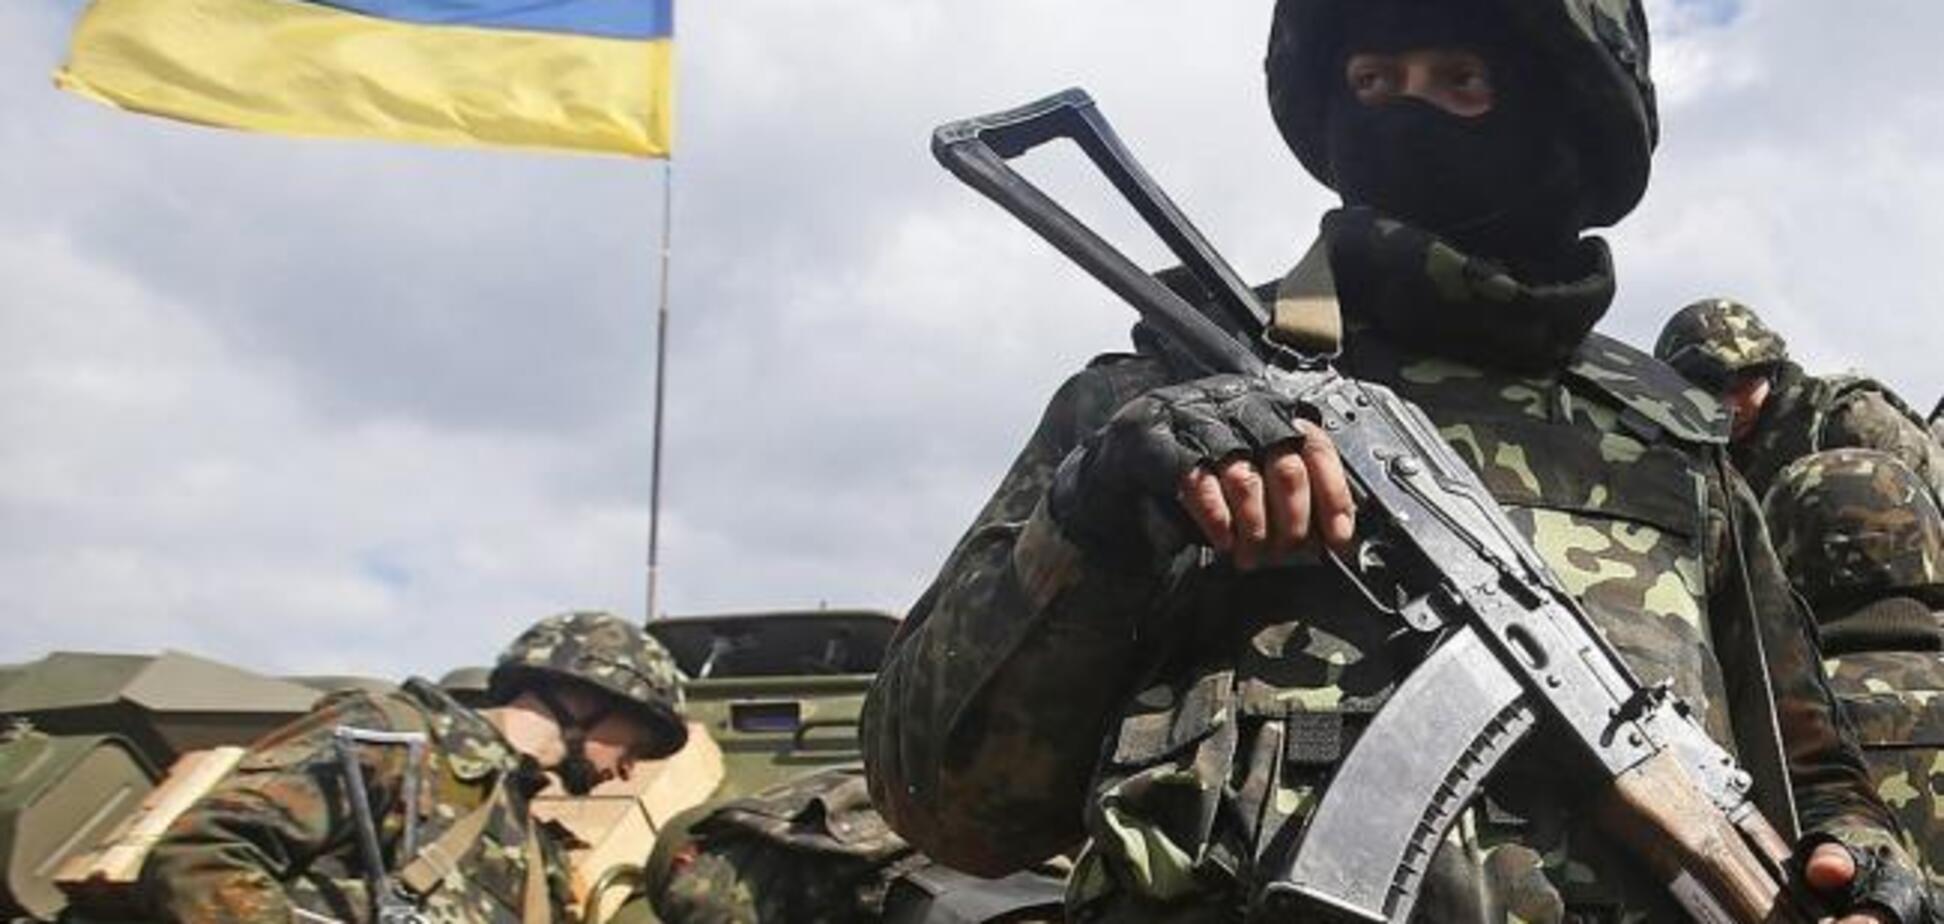 'Что у них в голове?' Россию высмеяли за новую страшилку о ВСУ